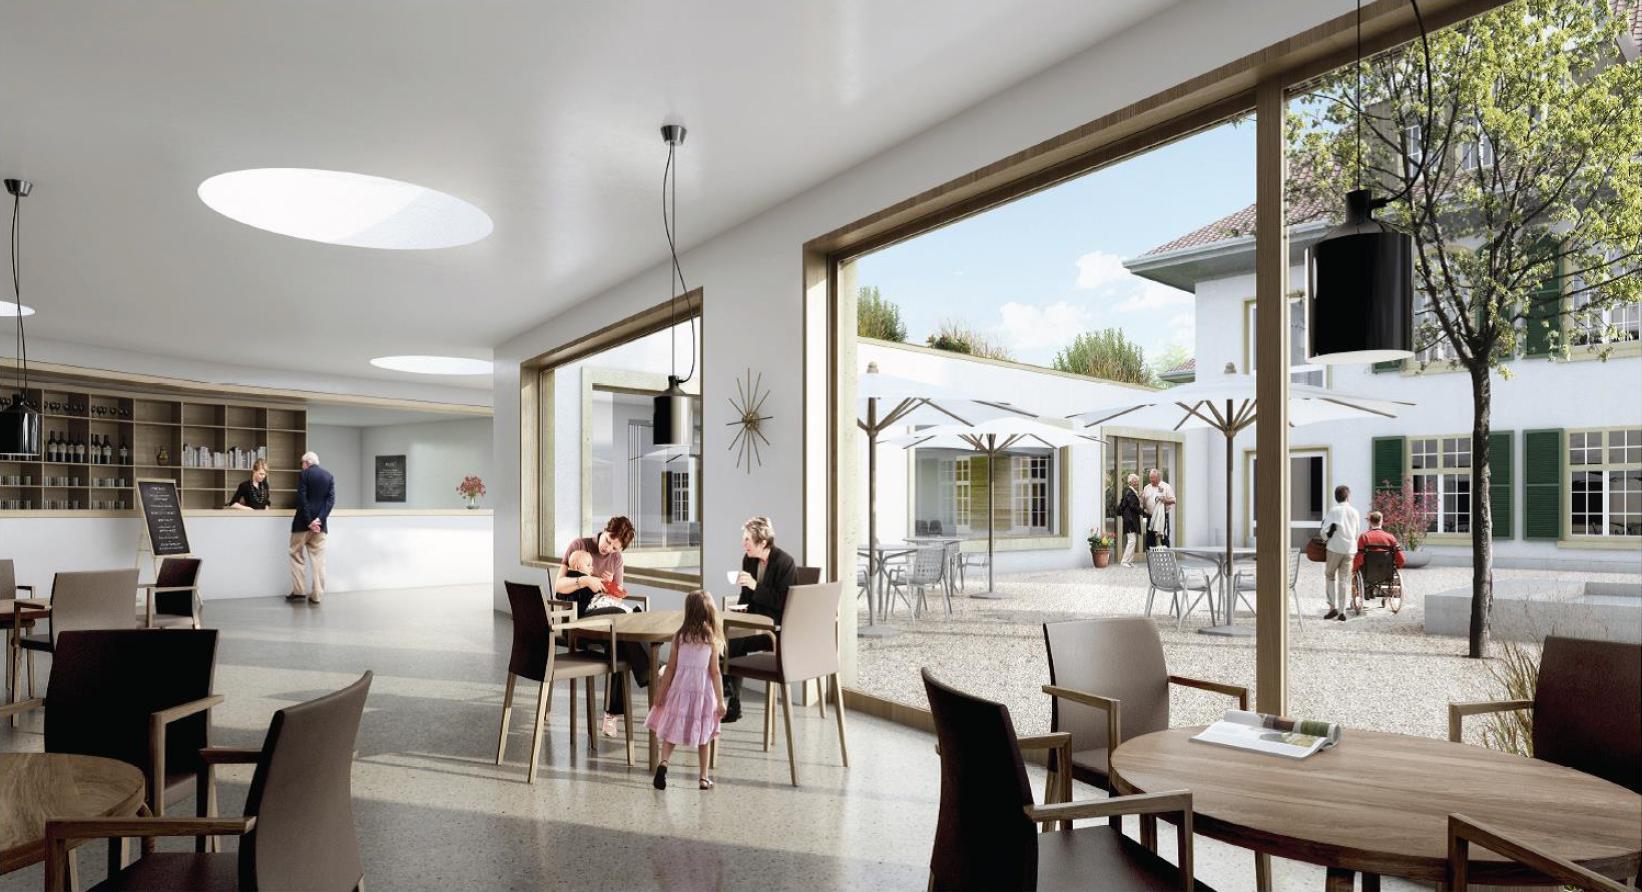 Schlössli Biel‐Bienne, Zentrum für Langzeitpflege, ARGE wahlirüefli rollimarchini Architekten, triplette de belleville